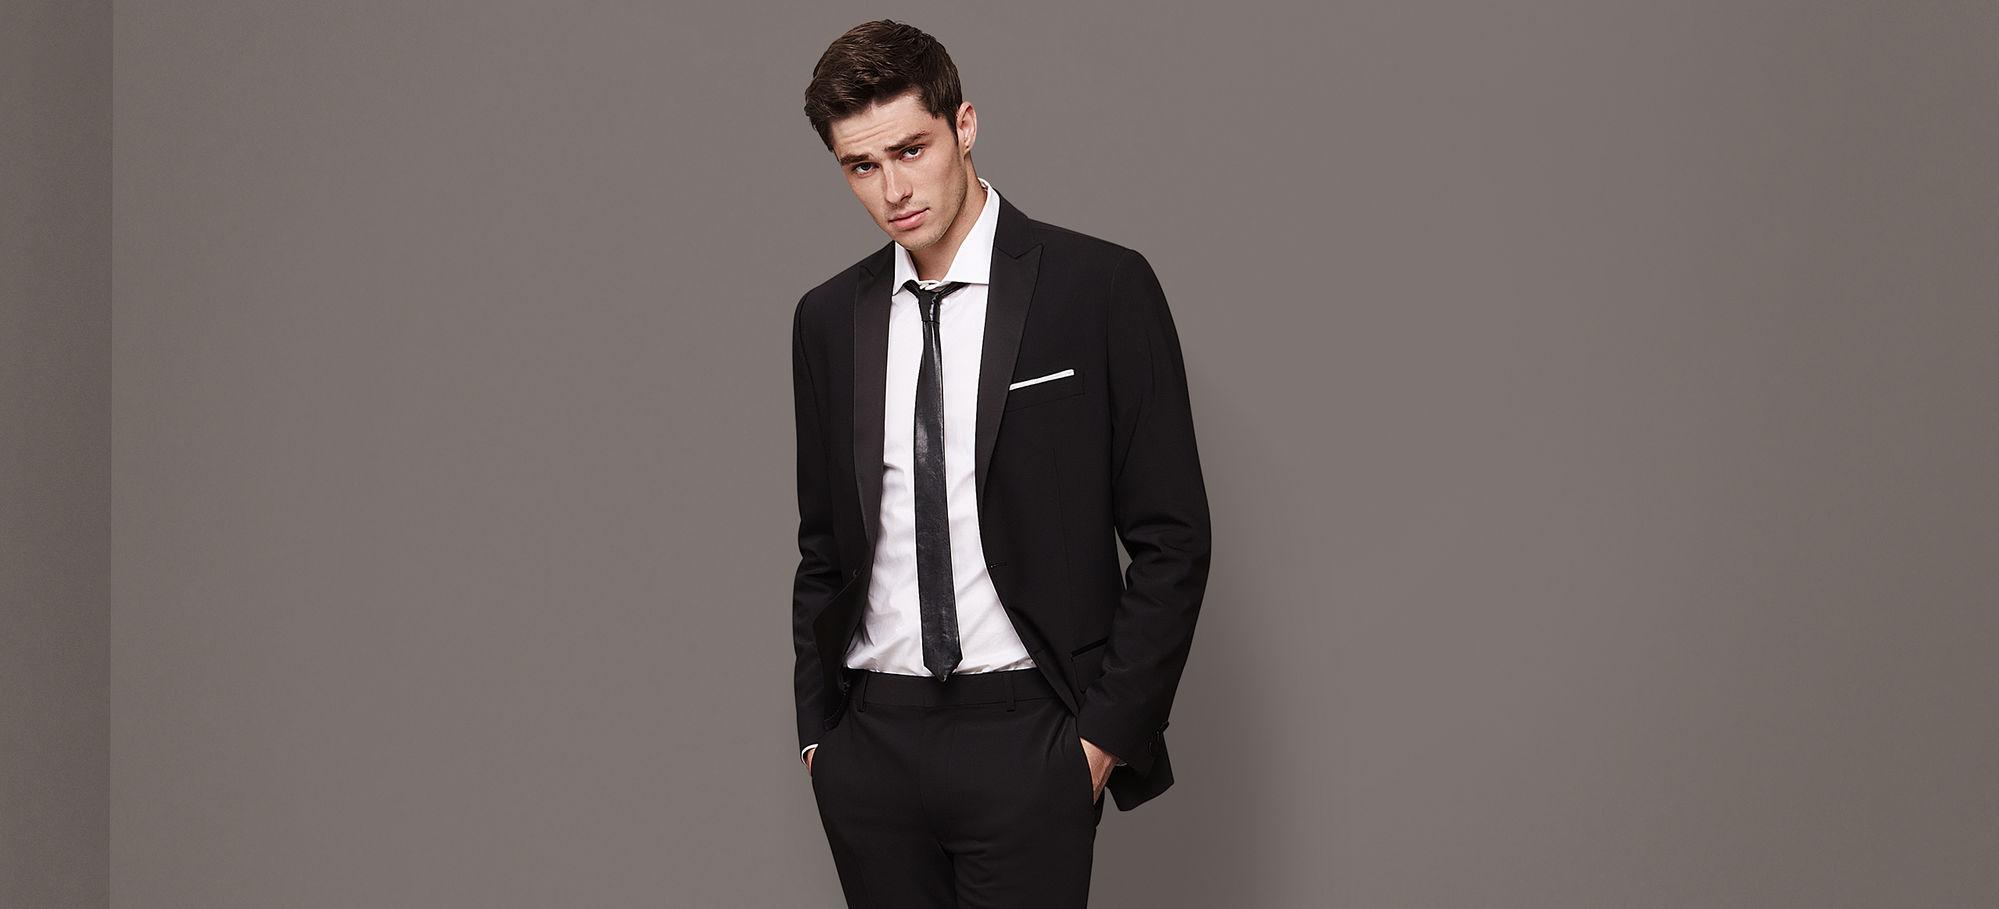 suit9